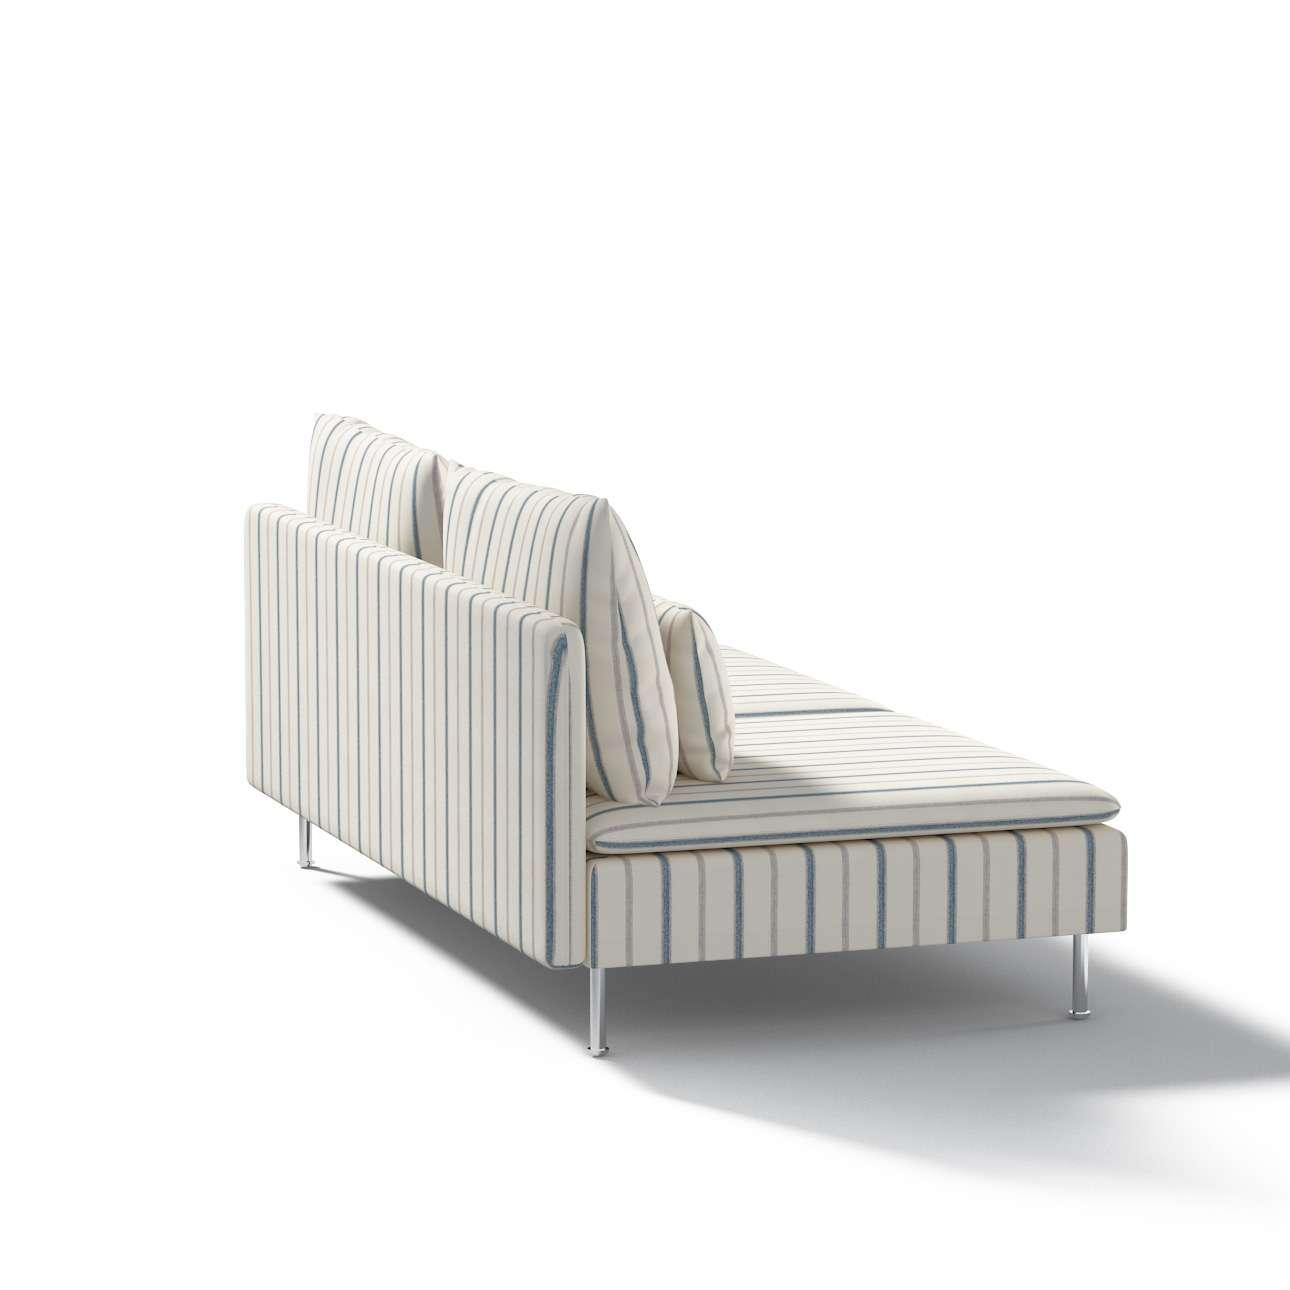 Ikea Söderhamn trivietei sofai užvalkalas Ikea Söderhamn moduliniai trivietei sofai užvalkalas kolekcijoje Avinon, audinys: 129-66